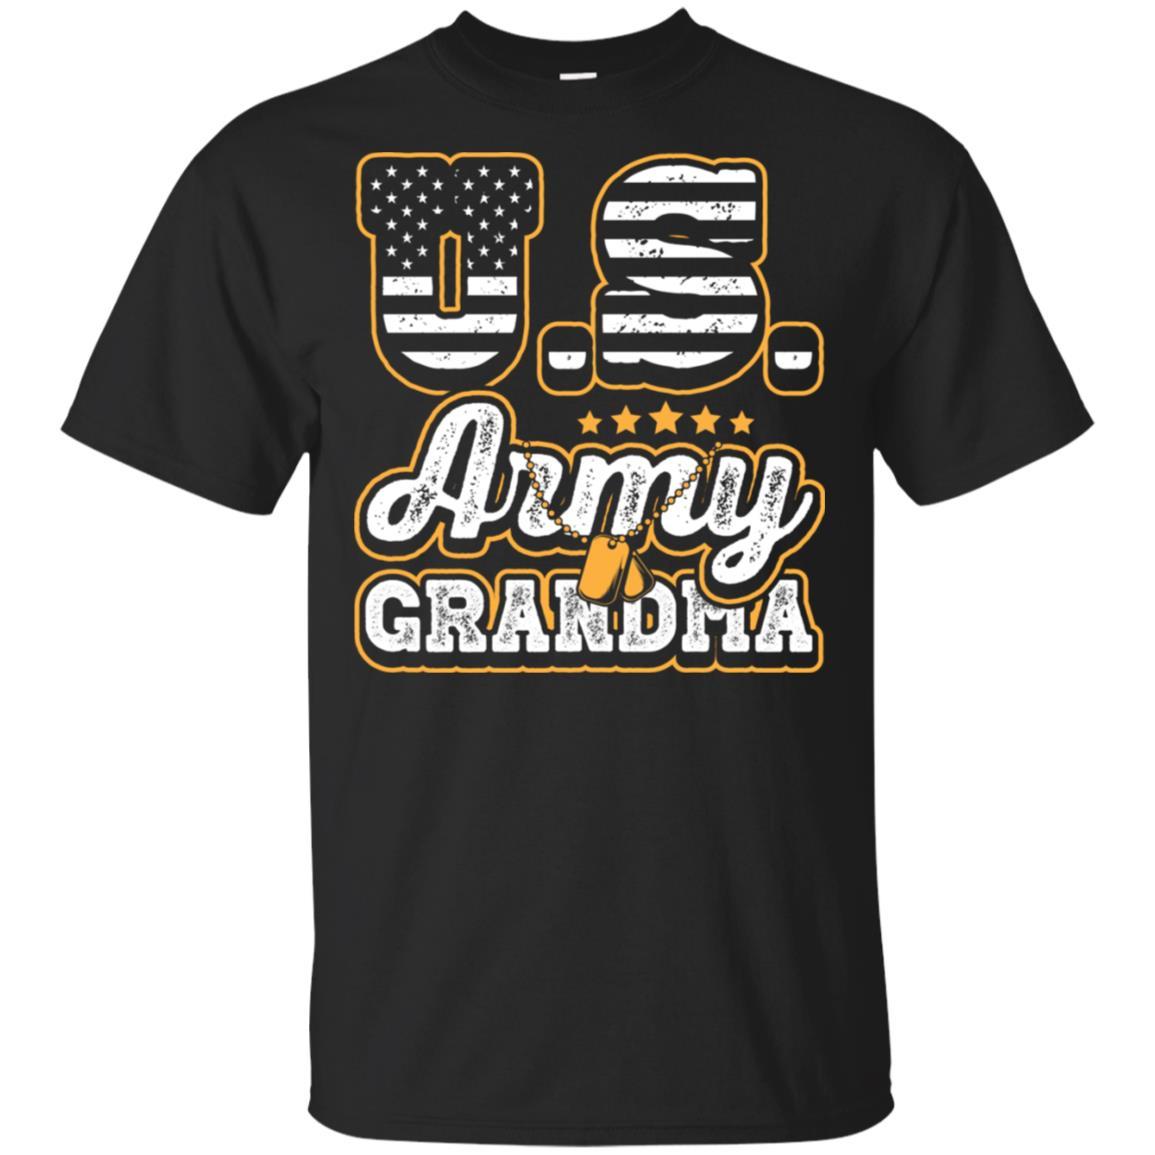 Us Army Grandma 22012 Unisex Short Sleeve